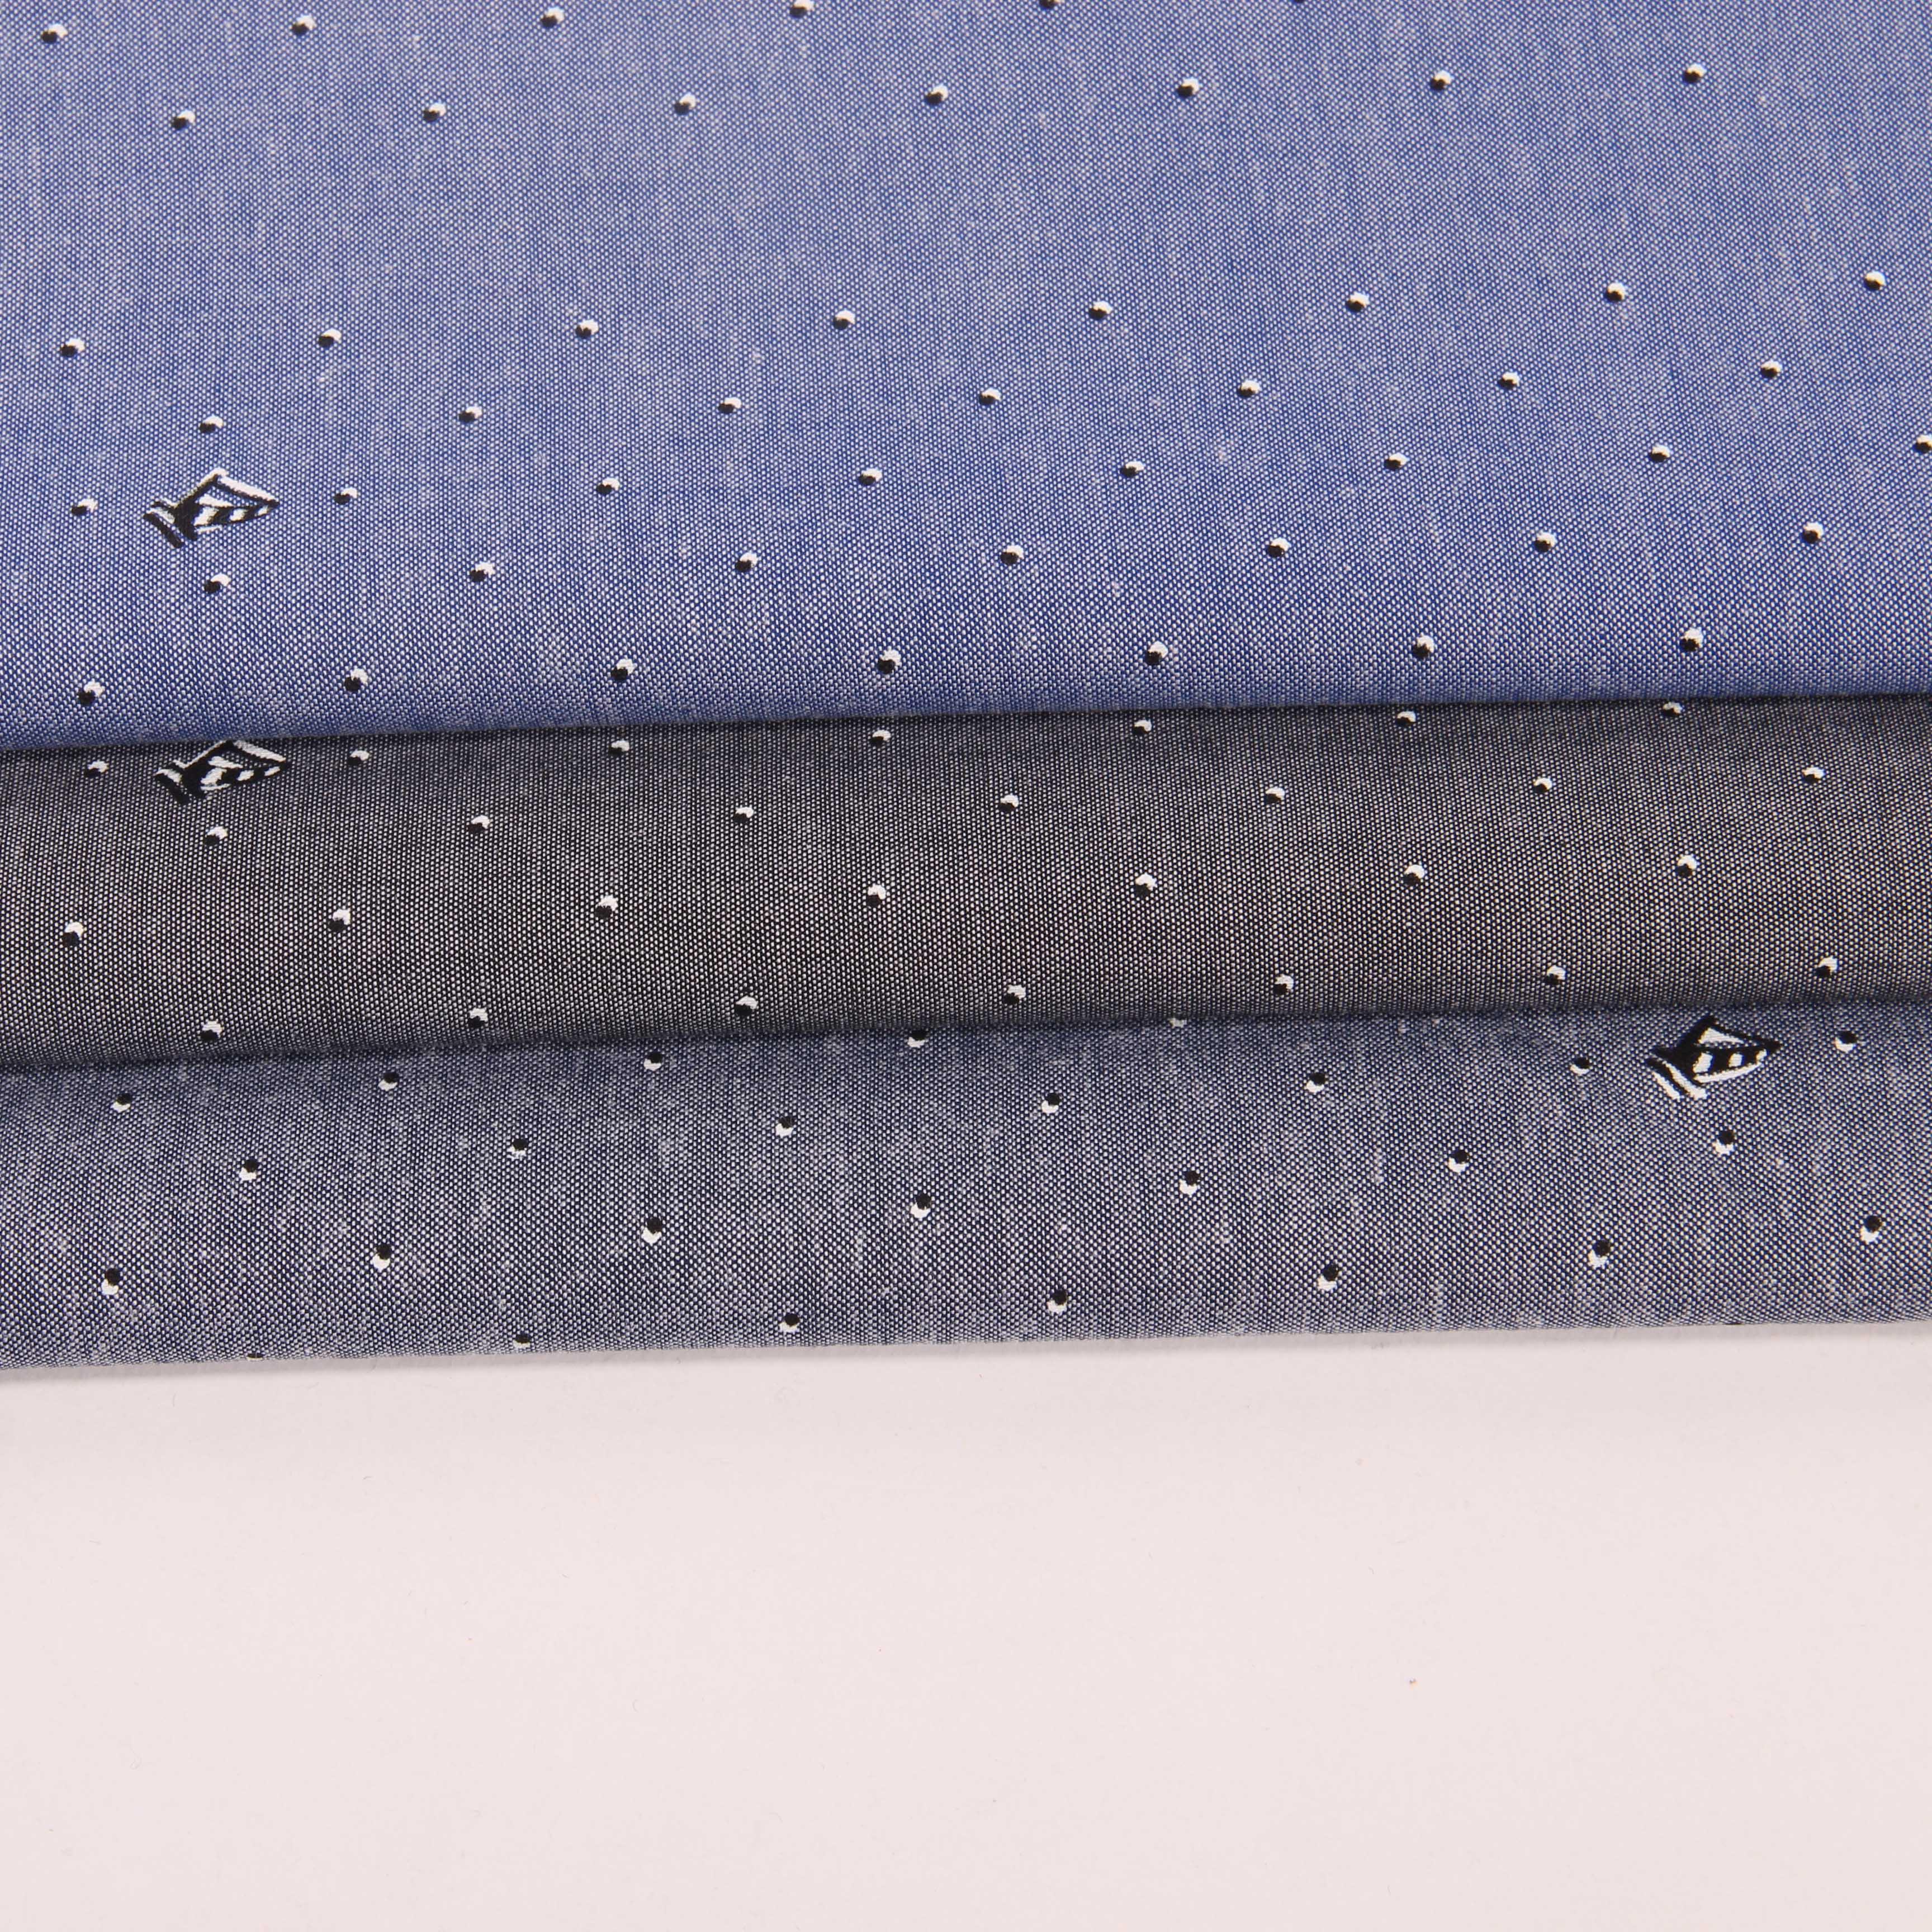 100 хлопчатобумажная ткань с принтом, хлопчатобумажная рубашка, хлопчатобумажная ткань